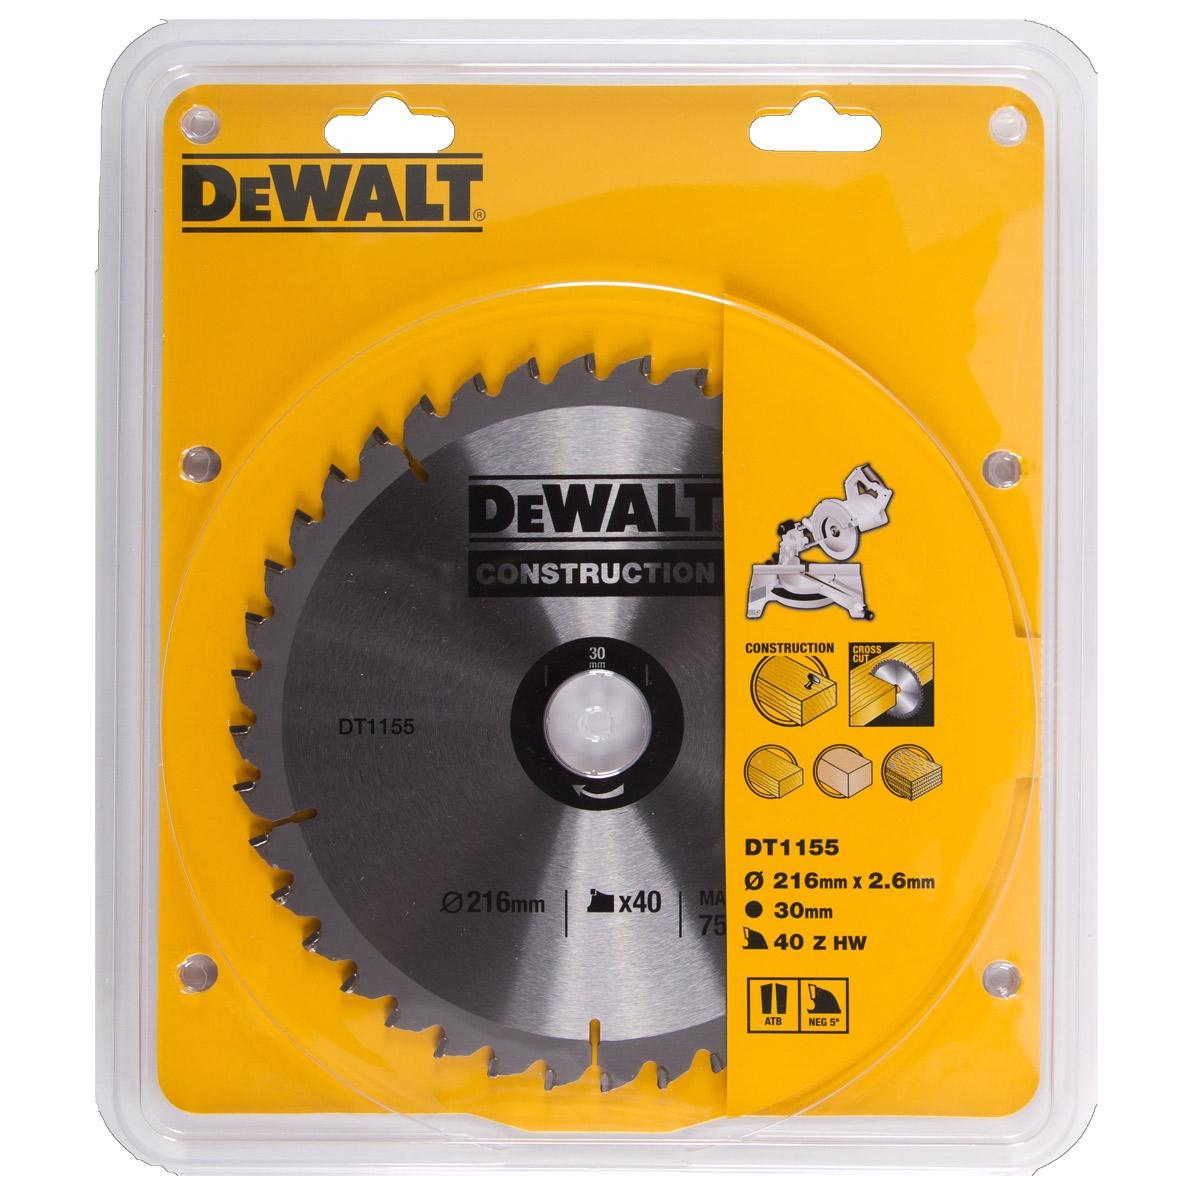 DT1155 DEWALT Pilový kotouč 216 x30mm/40zubů DEWALT SERIE 30 - DT1155